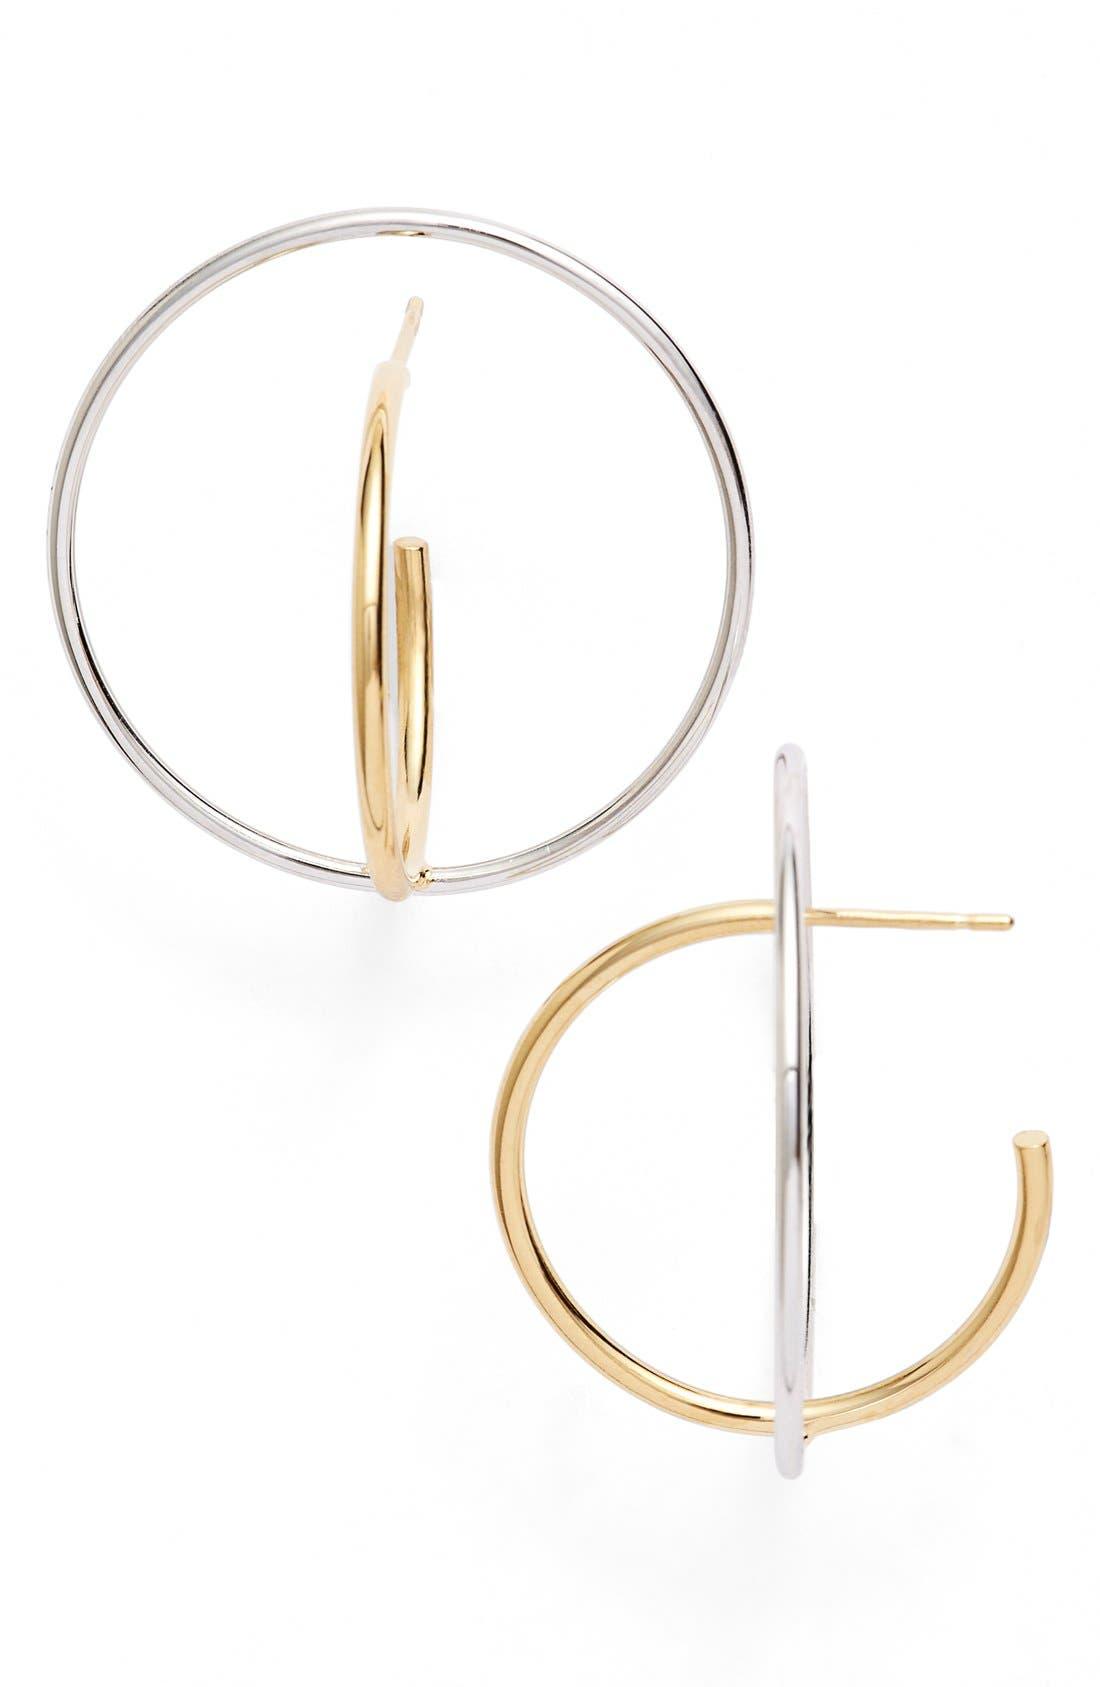 Alternate Image 1 Selected - Charlotte Chesnais 'Saturne' Earrings